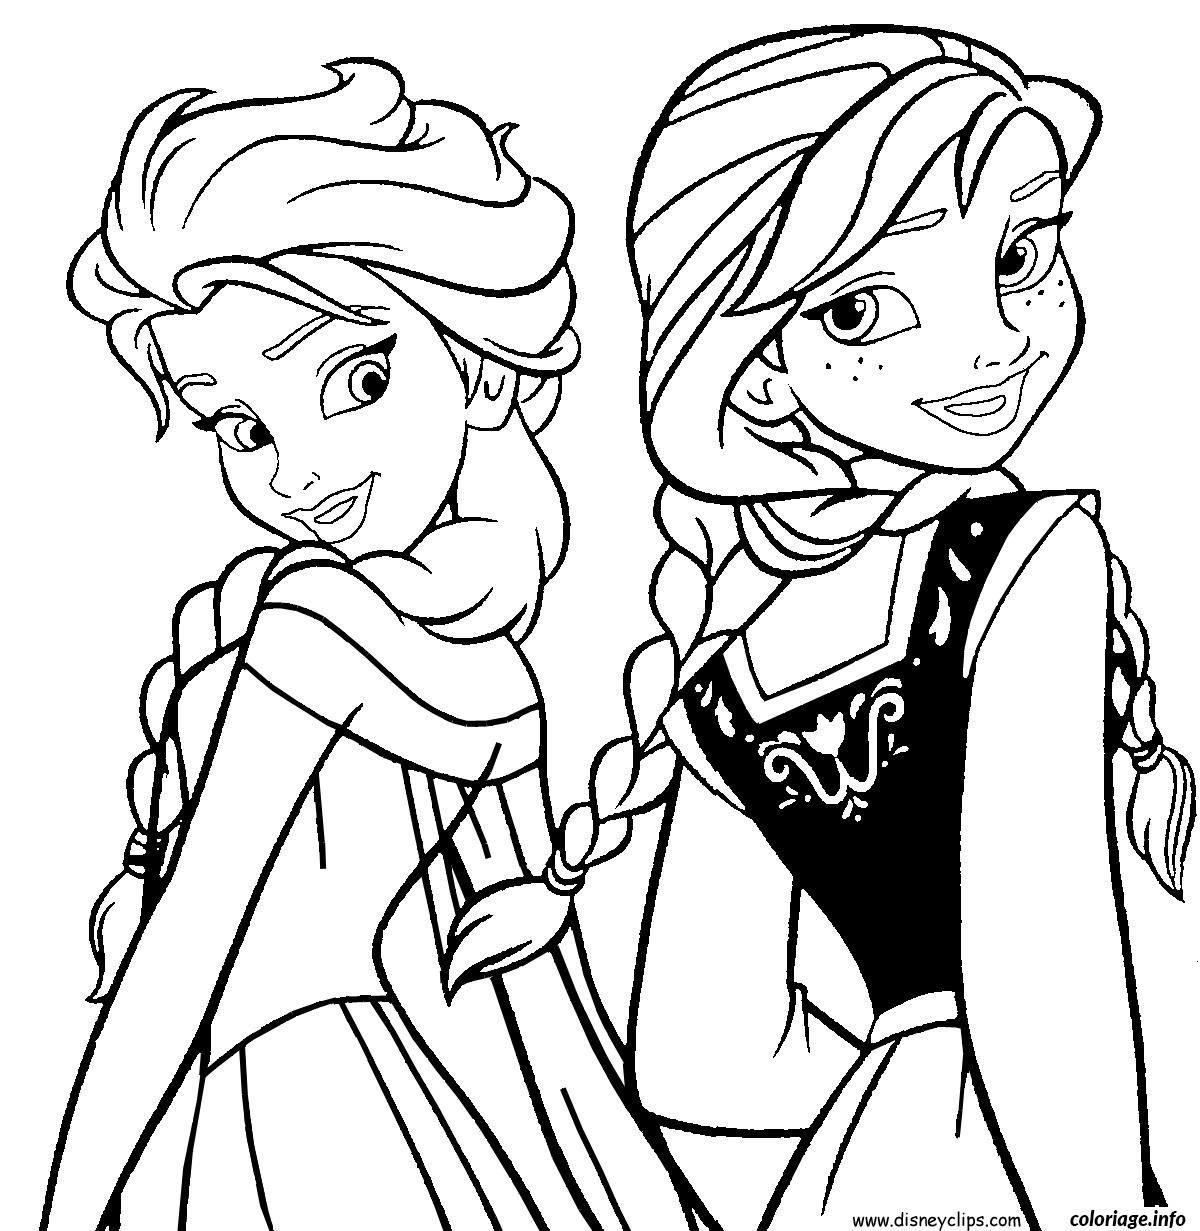 Coloriage Elsa Et Anna Reine Des Neiges Dessin À Imprimer serapportantà Dessin A Imprimer Reine Des Neiges